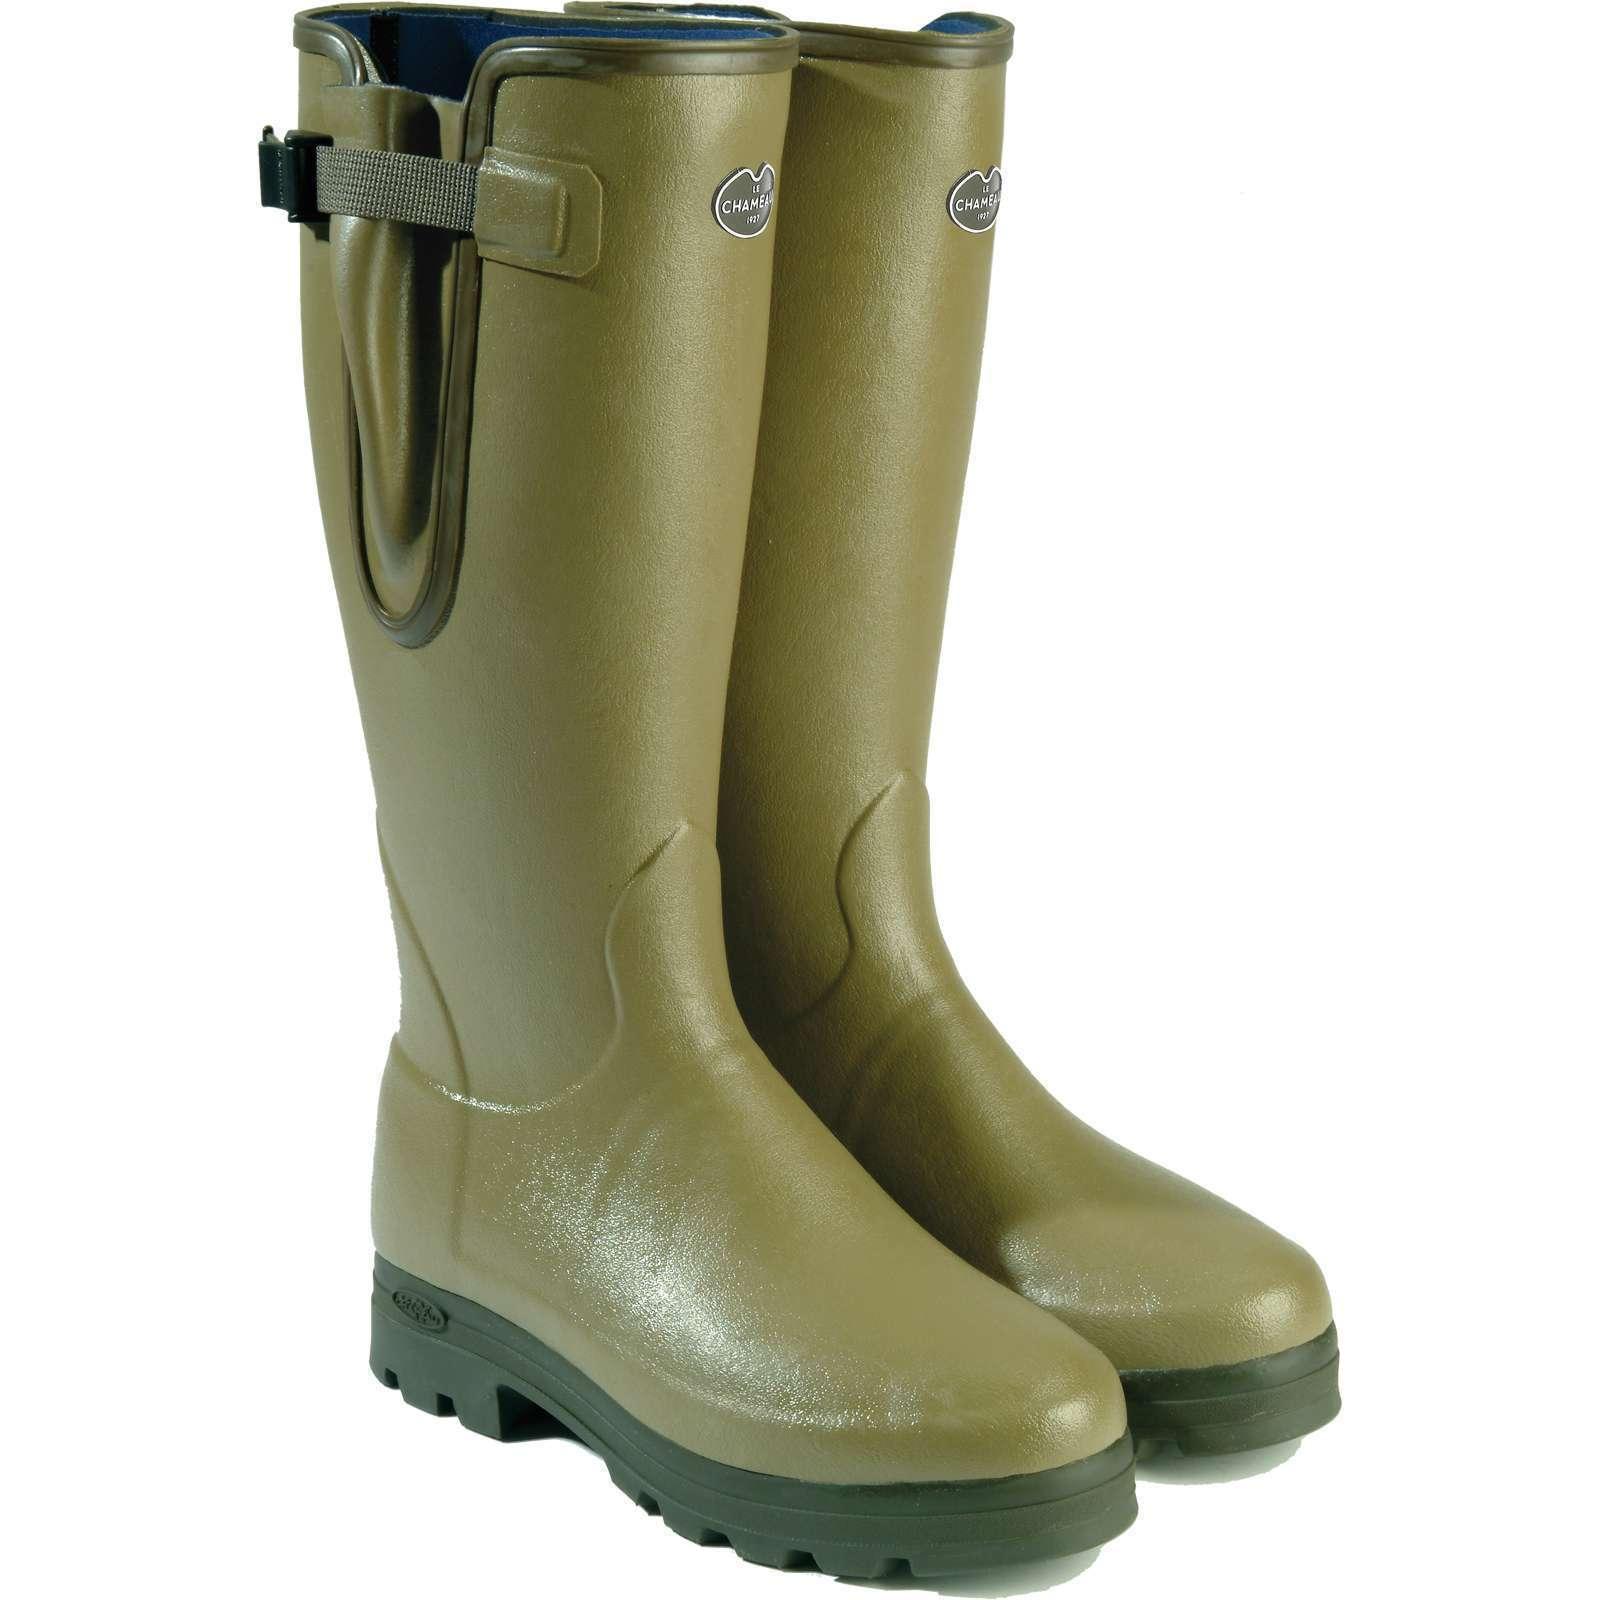 Le Chameau Vierzonord - Ladies Fit Wellington Boots 3540789152653